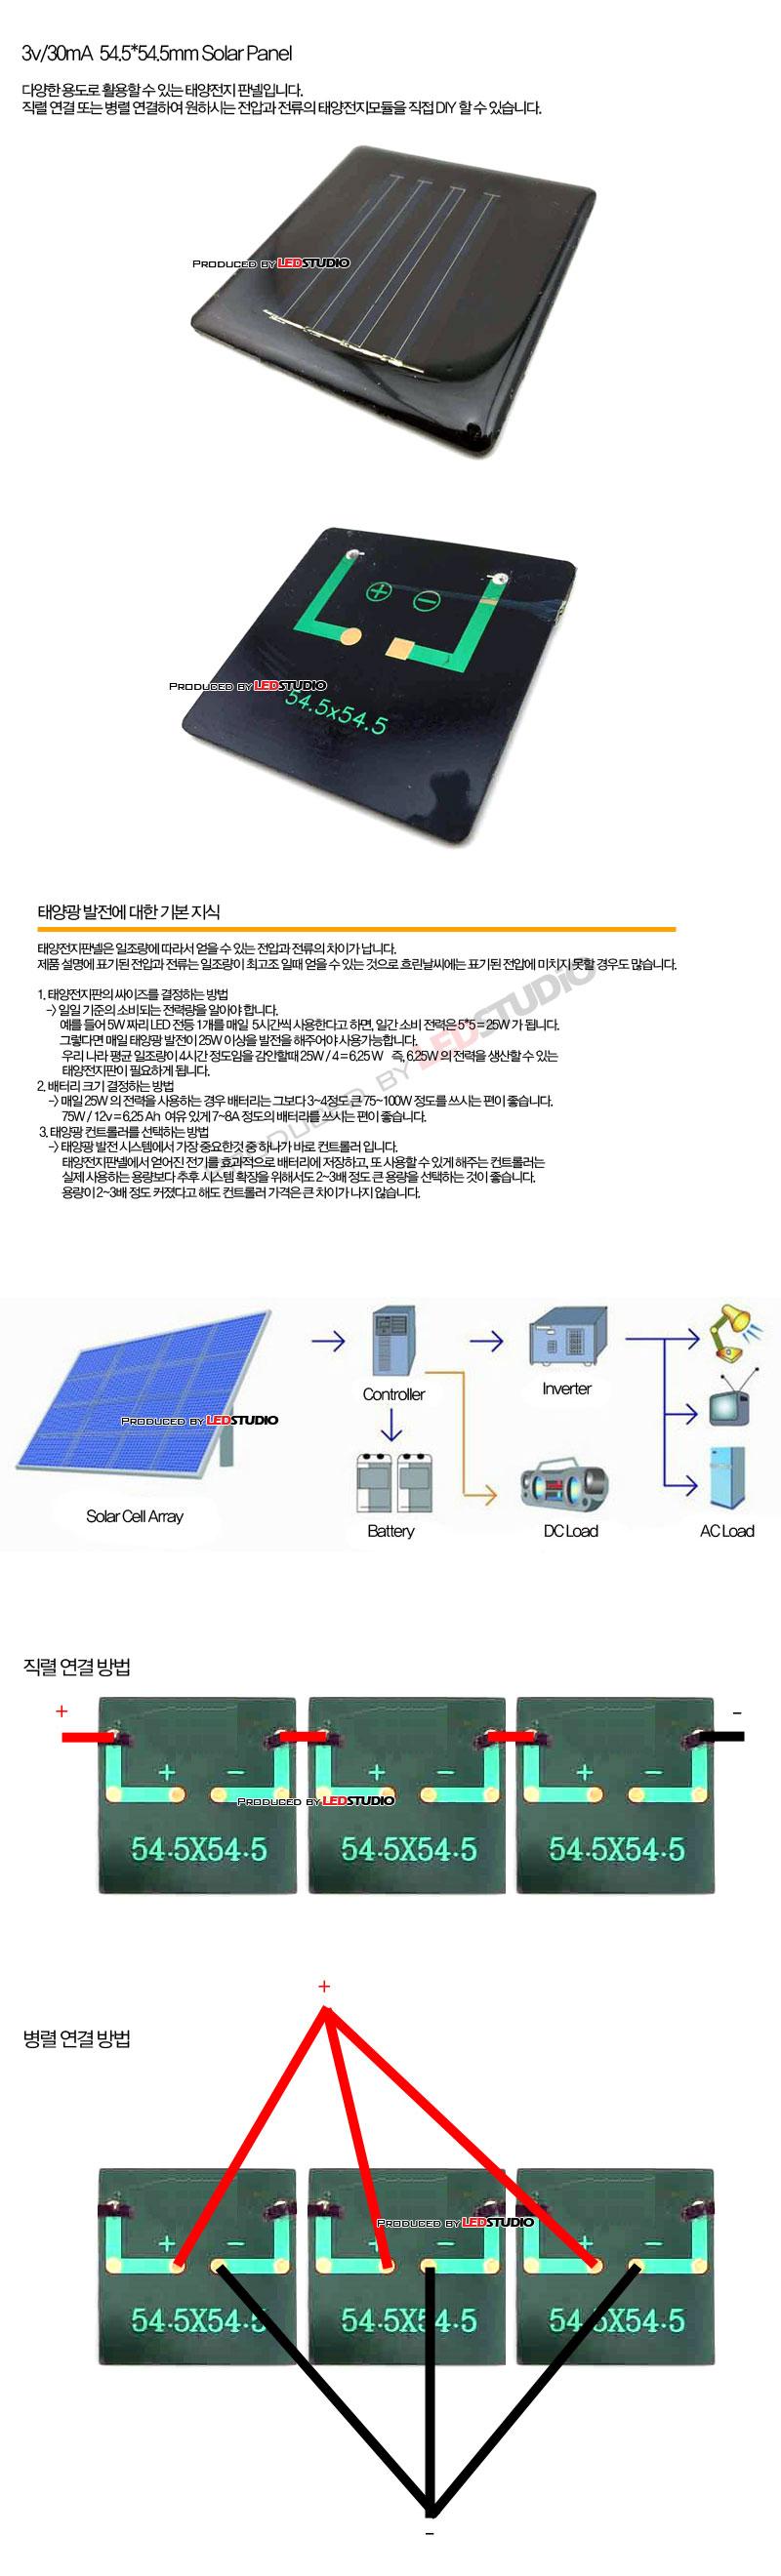 DIY용 태양전지판넬 - 3v 30mA  54.5x54.5mm